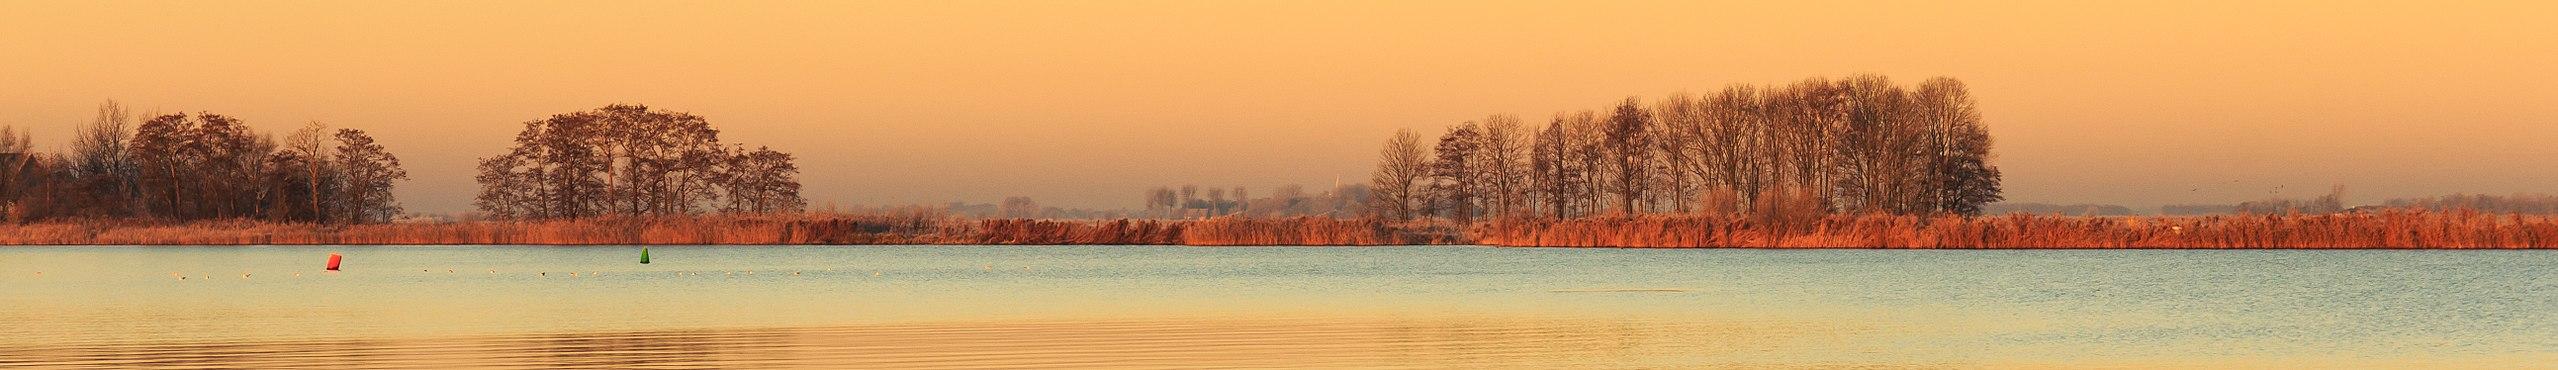 De Fryske Marren – Travel guide at Wikivoyage